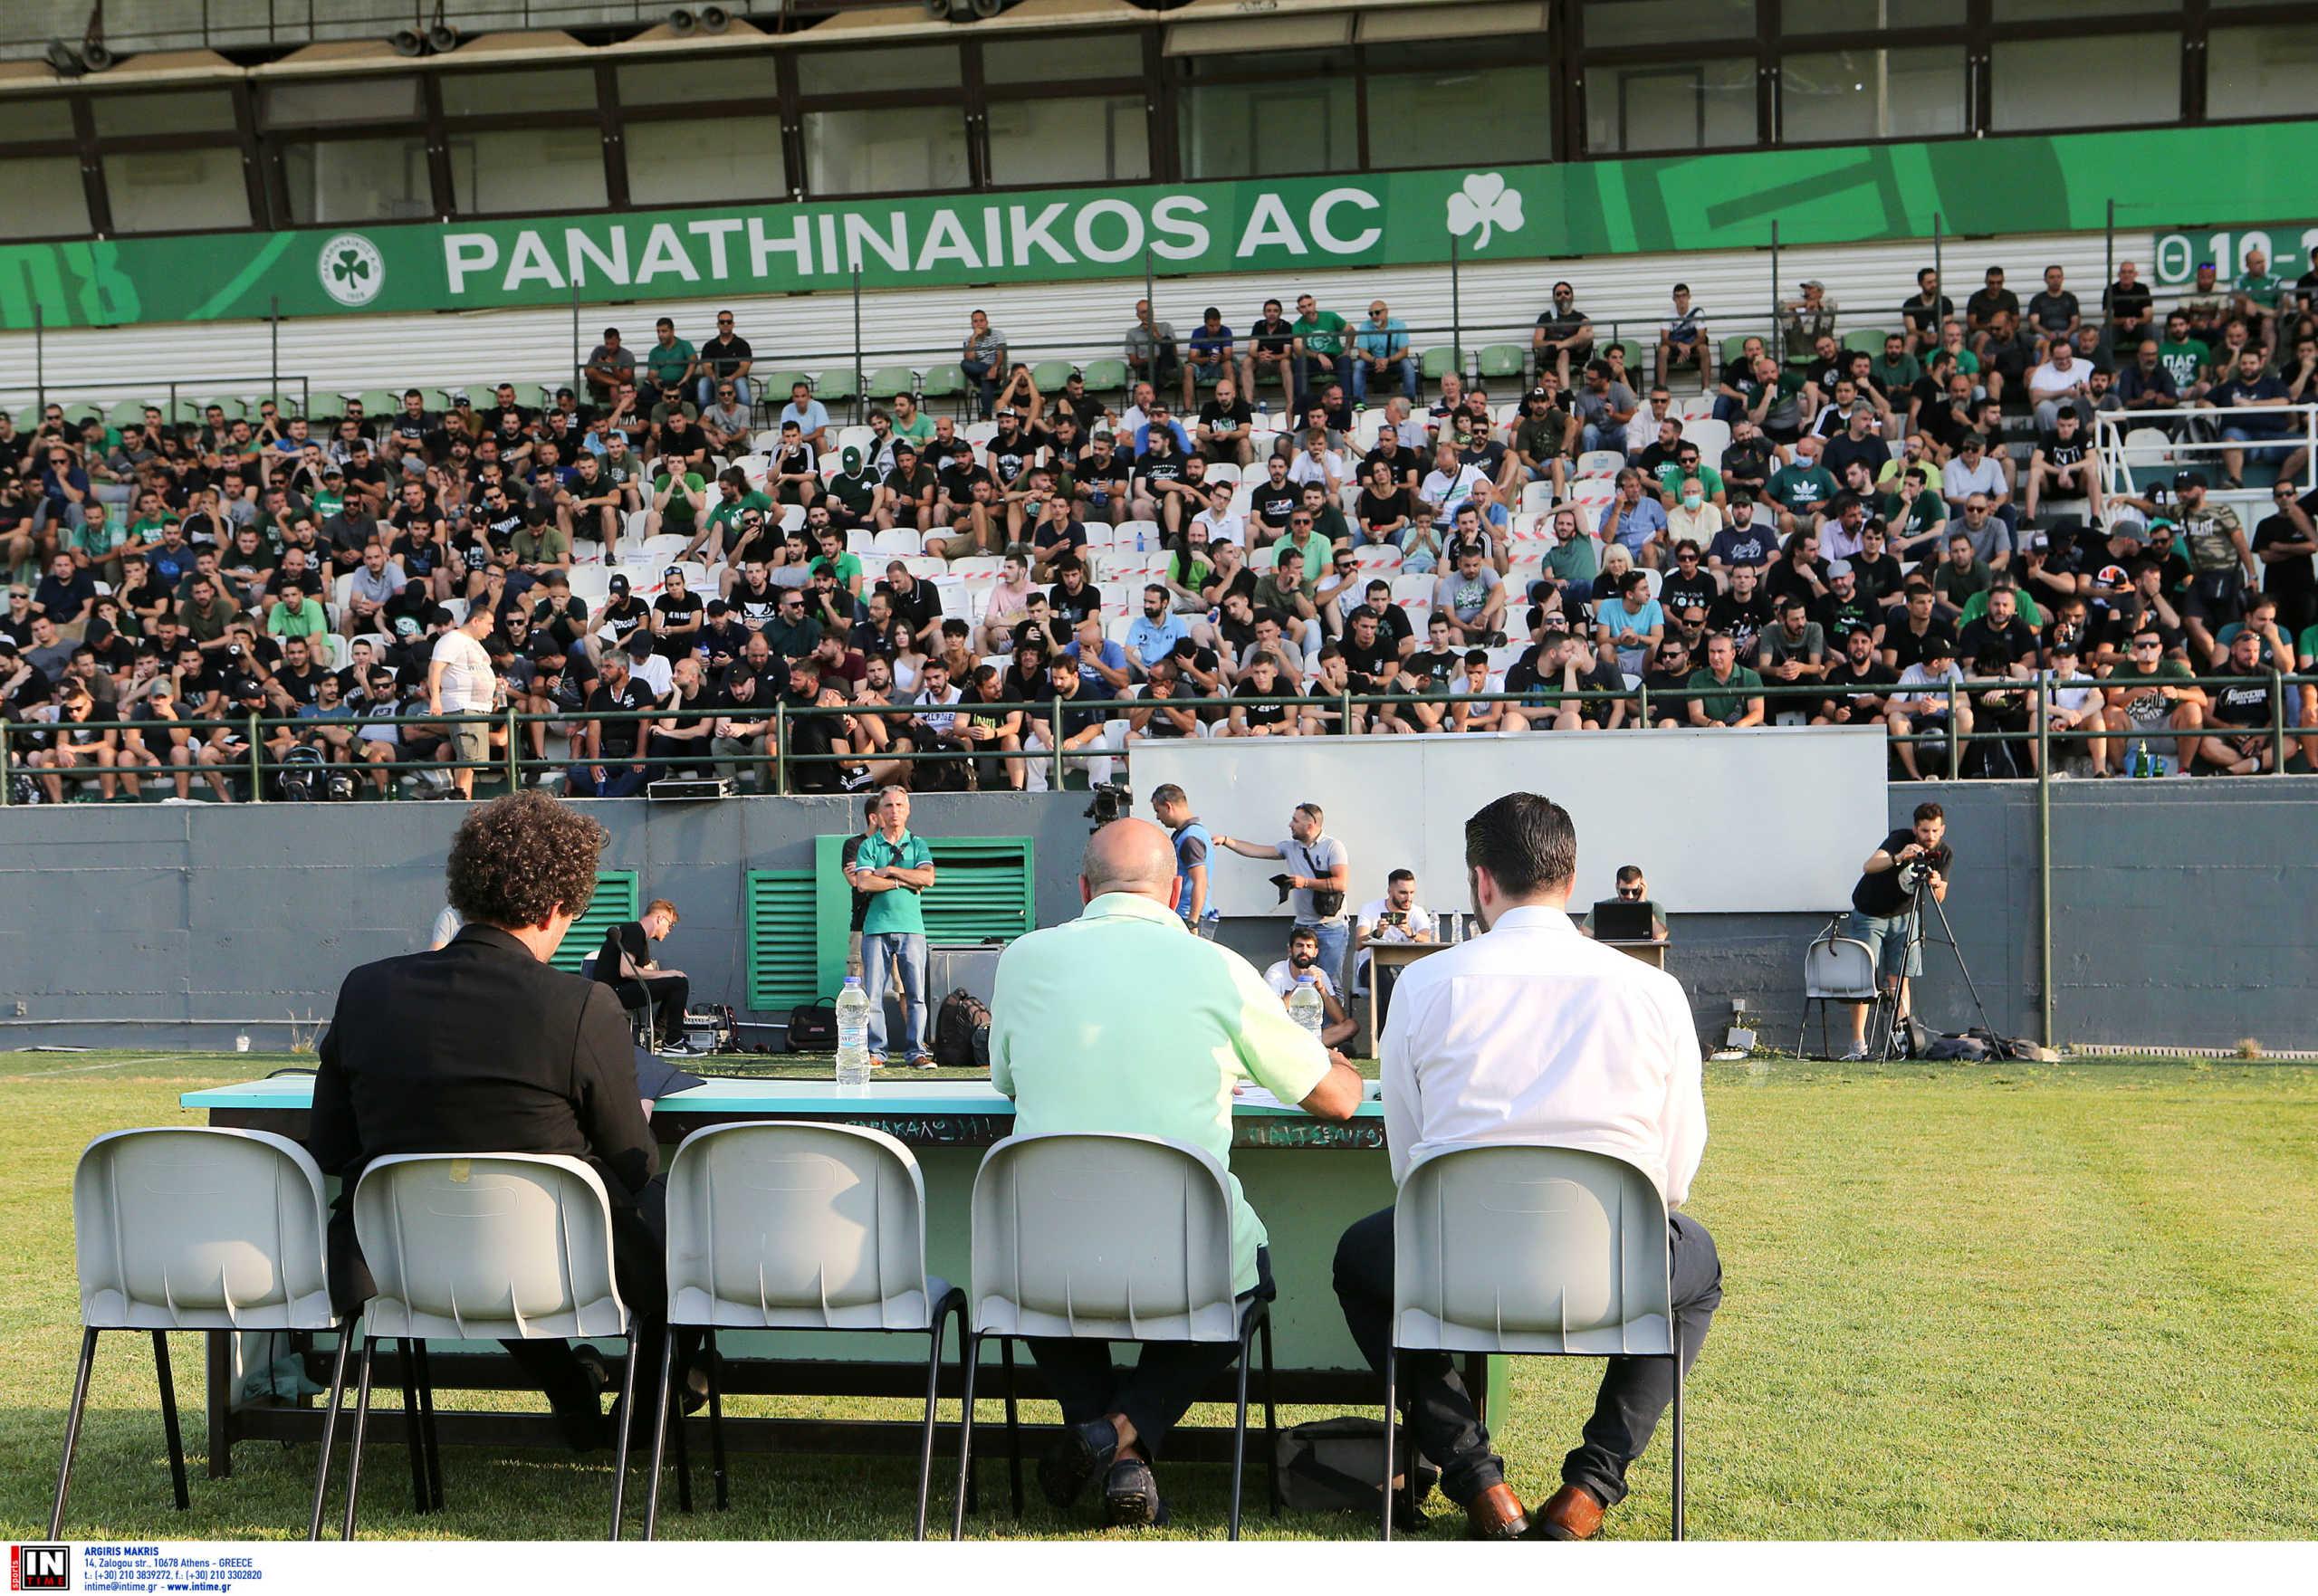 Παναθηναϊκός: Ένταση και αποδοκιμασίες για Γιαννακόπουλο στη Γ.Σ του Ερασιτέχνη (pics)